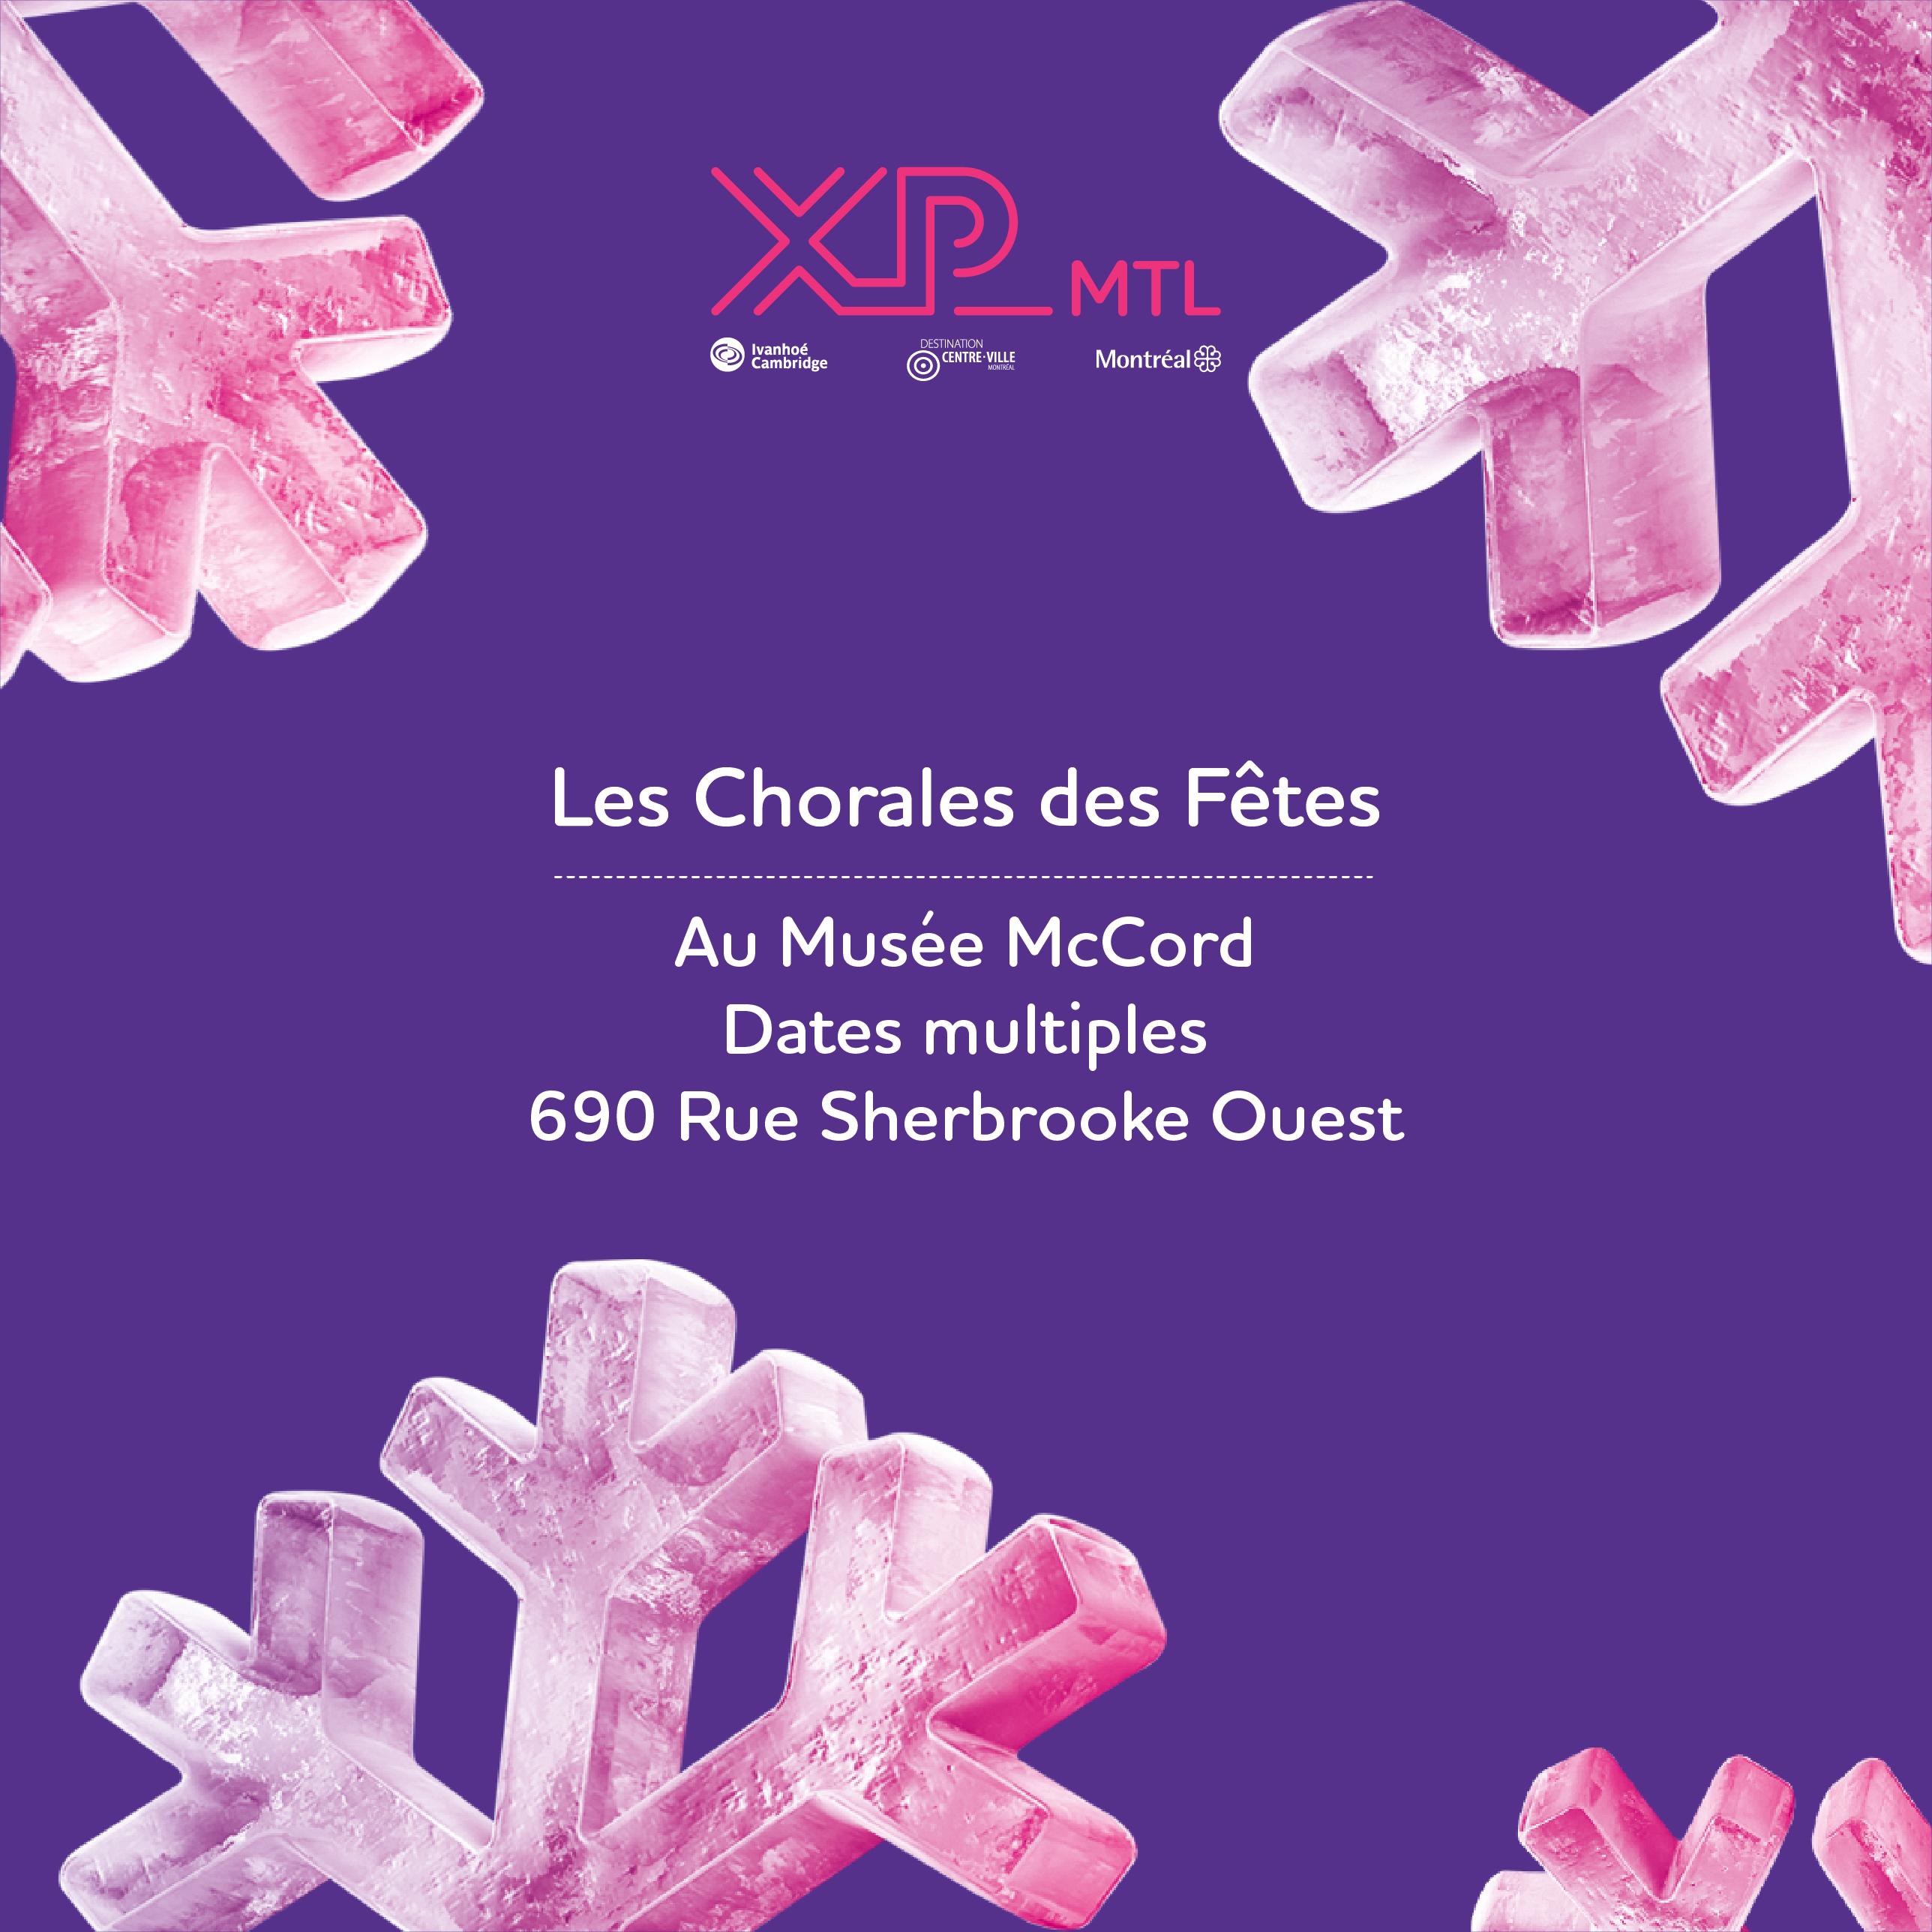 Les Chorales des Fêtes au Musée McCord